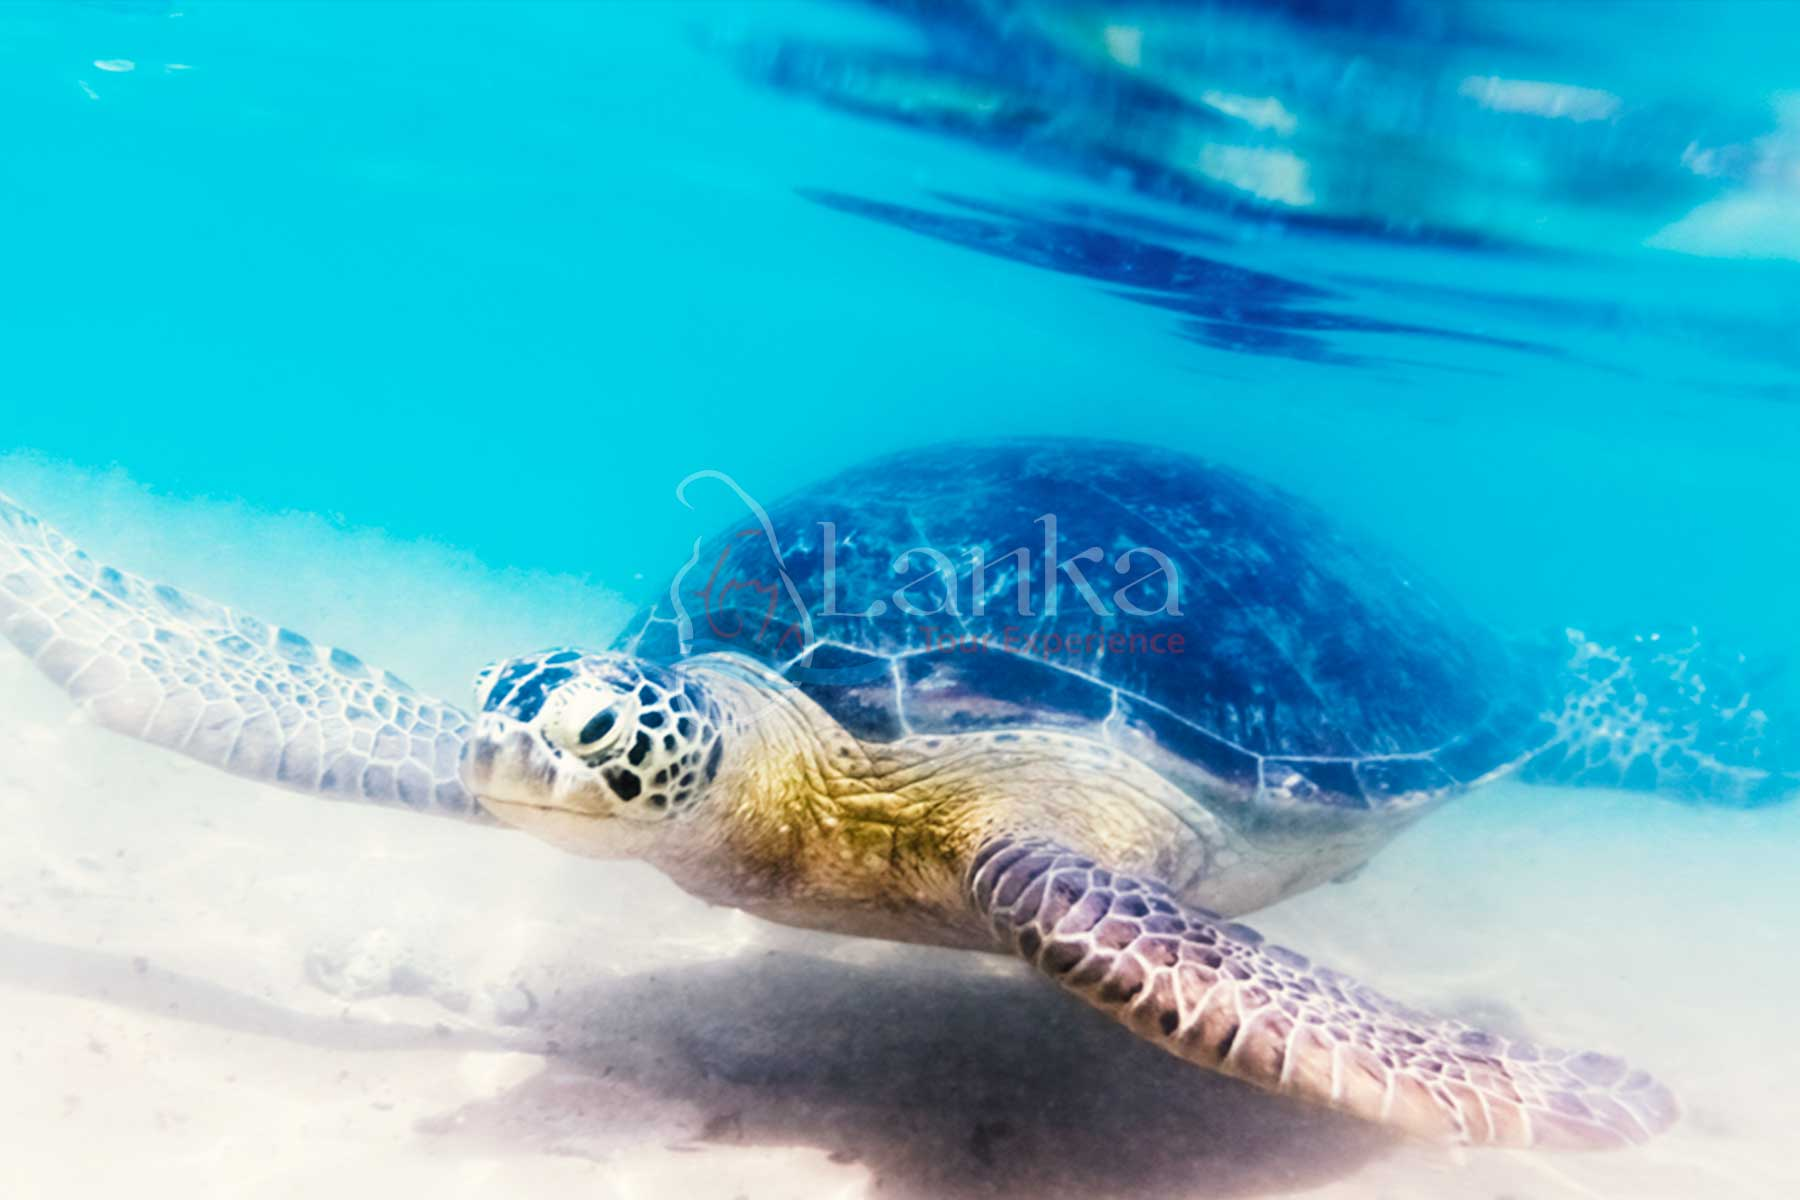 Best things to do in Sri Lanka, Turtle at Hikkaduwa beach